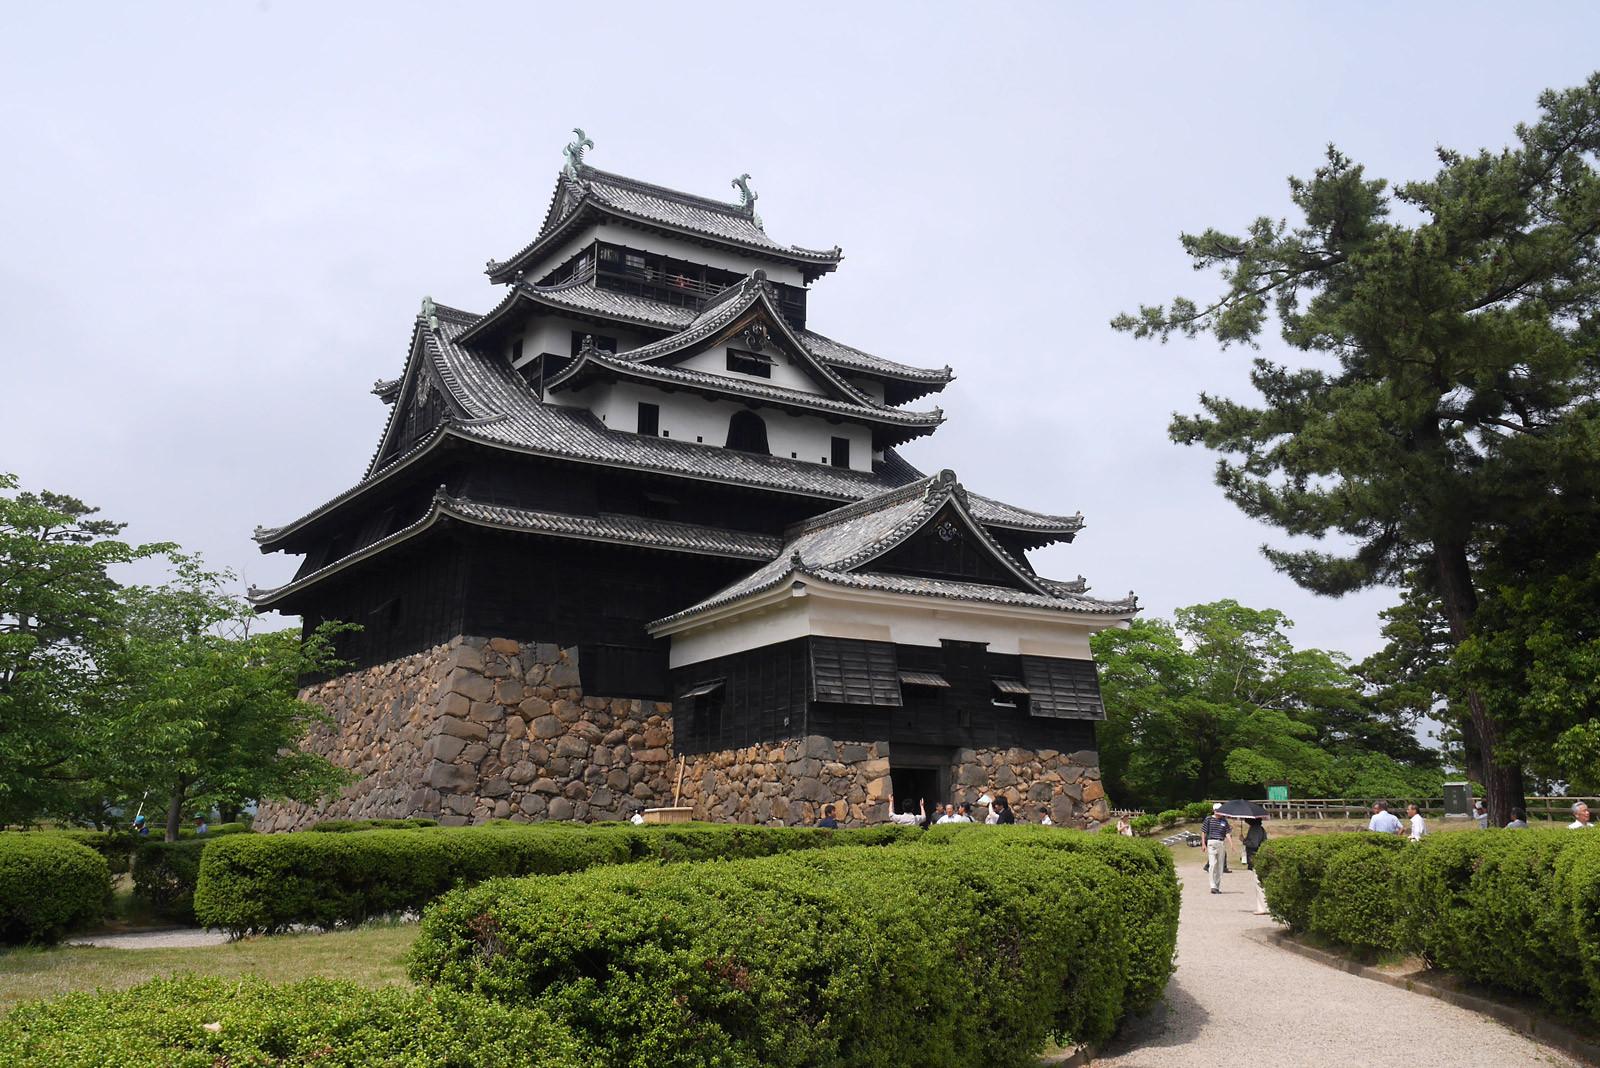 偶然、国宝登録確定日に居合わせた松江城